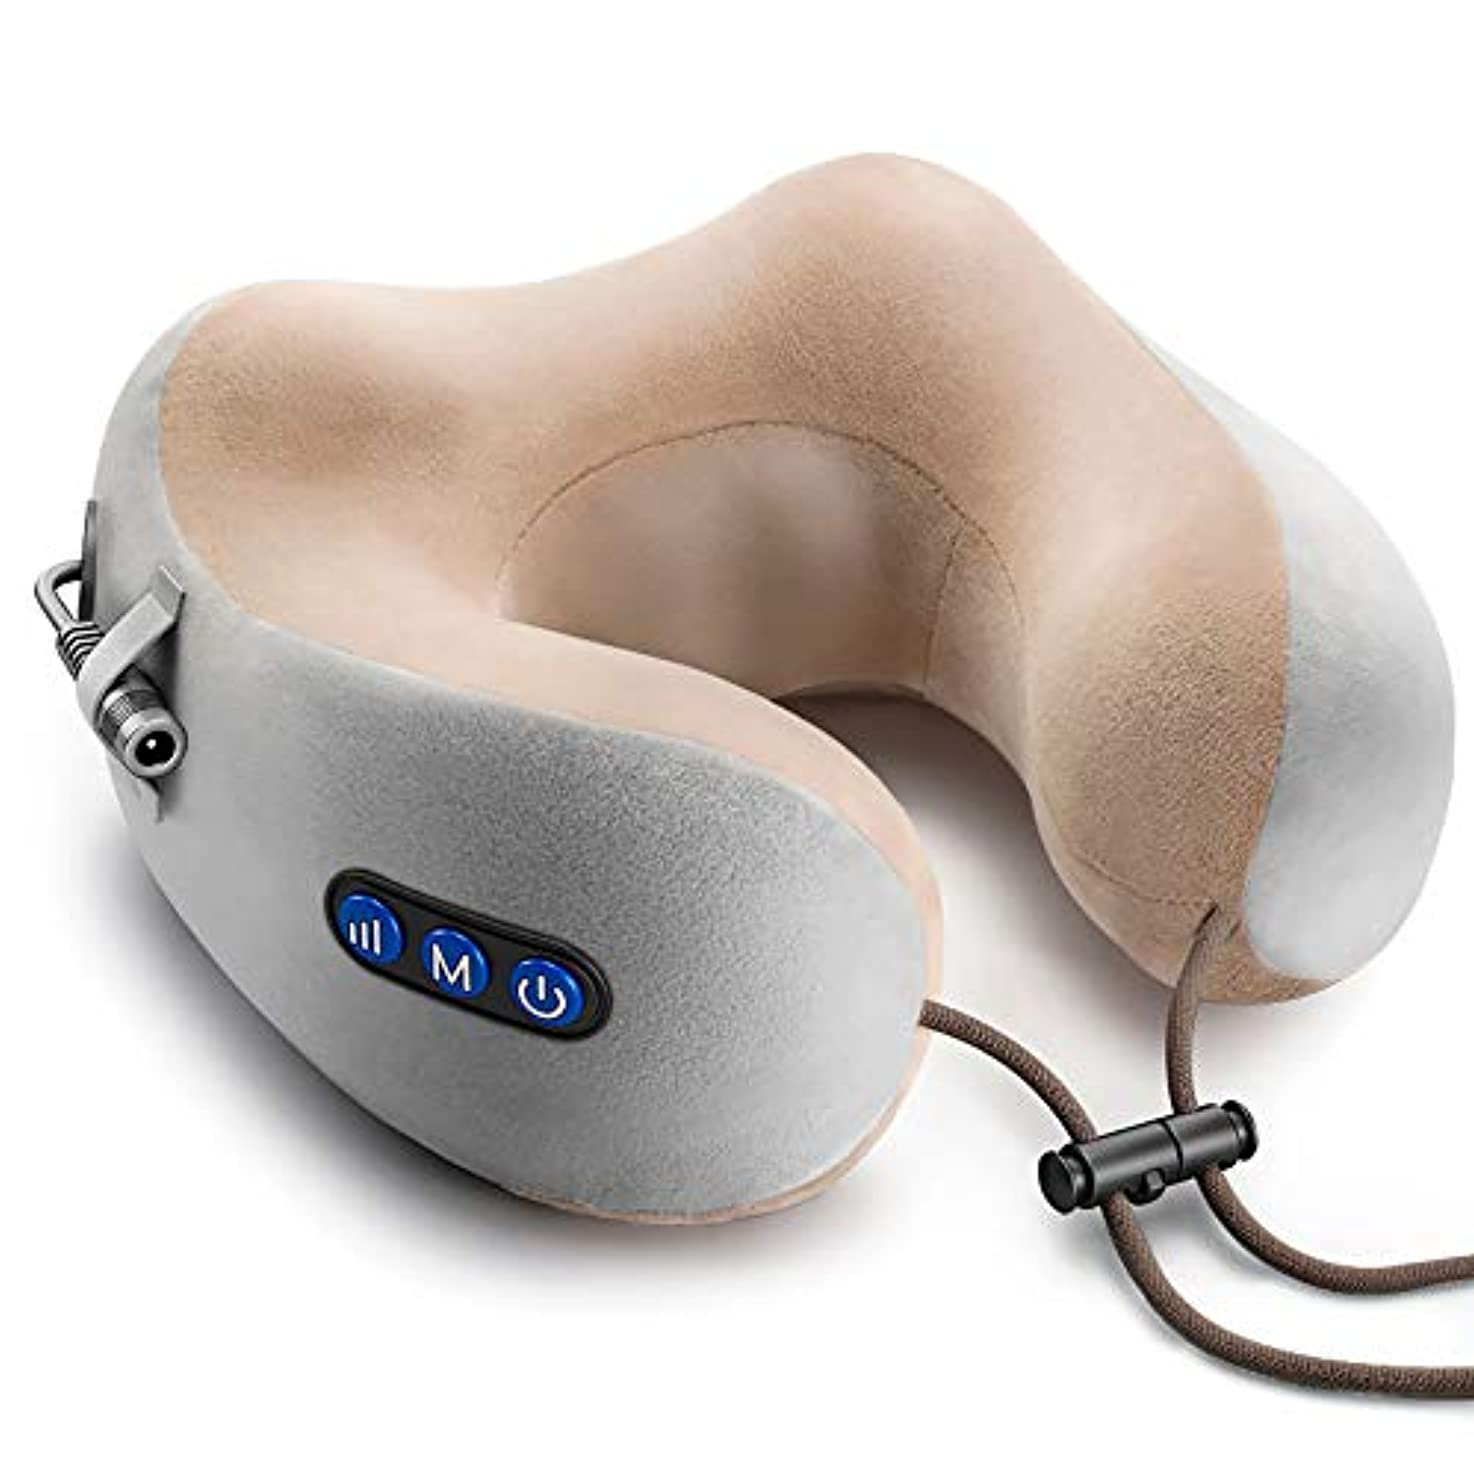 正しくレコーダー名義で首マッサージャー ネックマッサージャー U型 USB充電式 3モード 低反発ネックマッサージピロー 自動オフ機能 肩こり ストレス解消 多機能 人間工学 日本語取扱説明書付 プレゼント